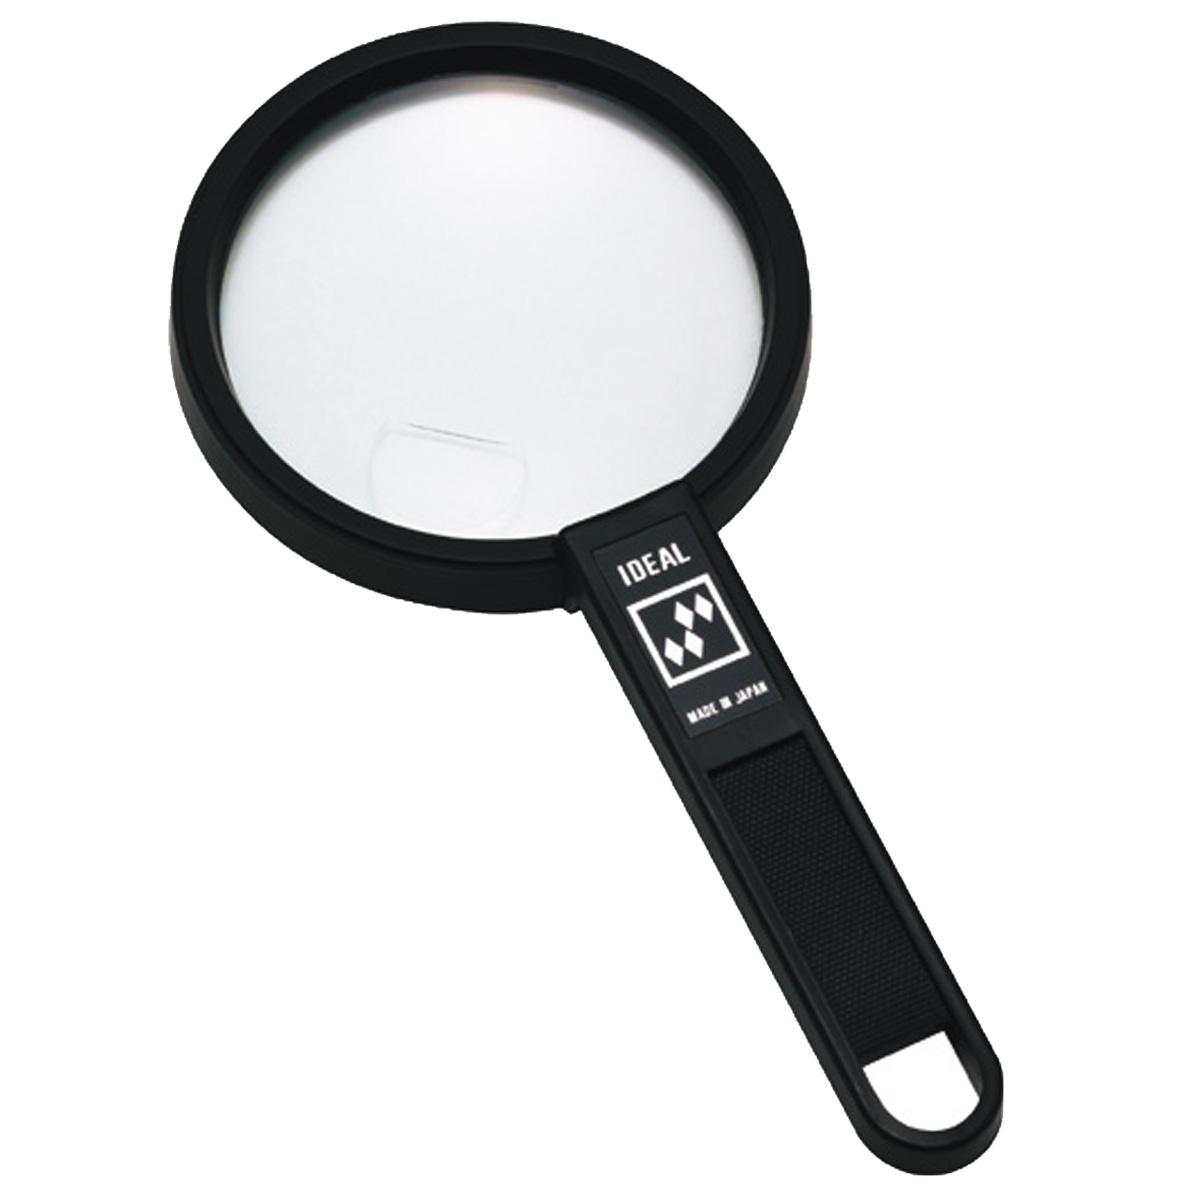 拡大鏡 プラスチックレンズ [手持ちルーペ 虫眼鏡 虫めがね 天眼鏡] アイデアルルーペ 1130-P 2倍&4倍 75mm 池田レンズ